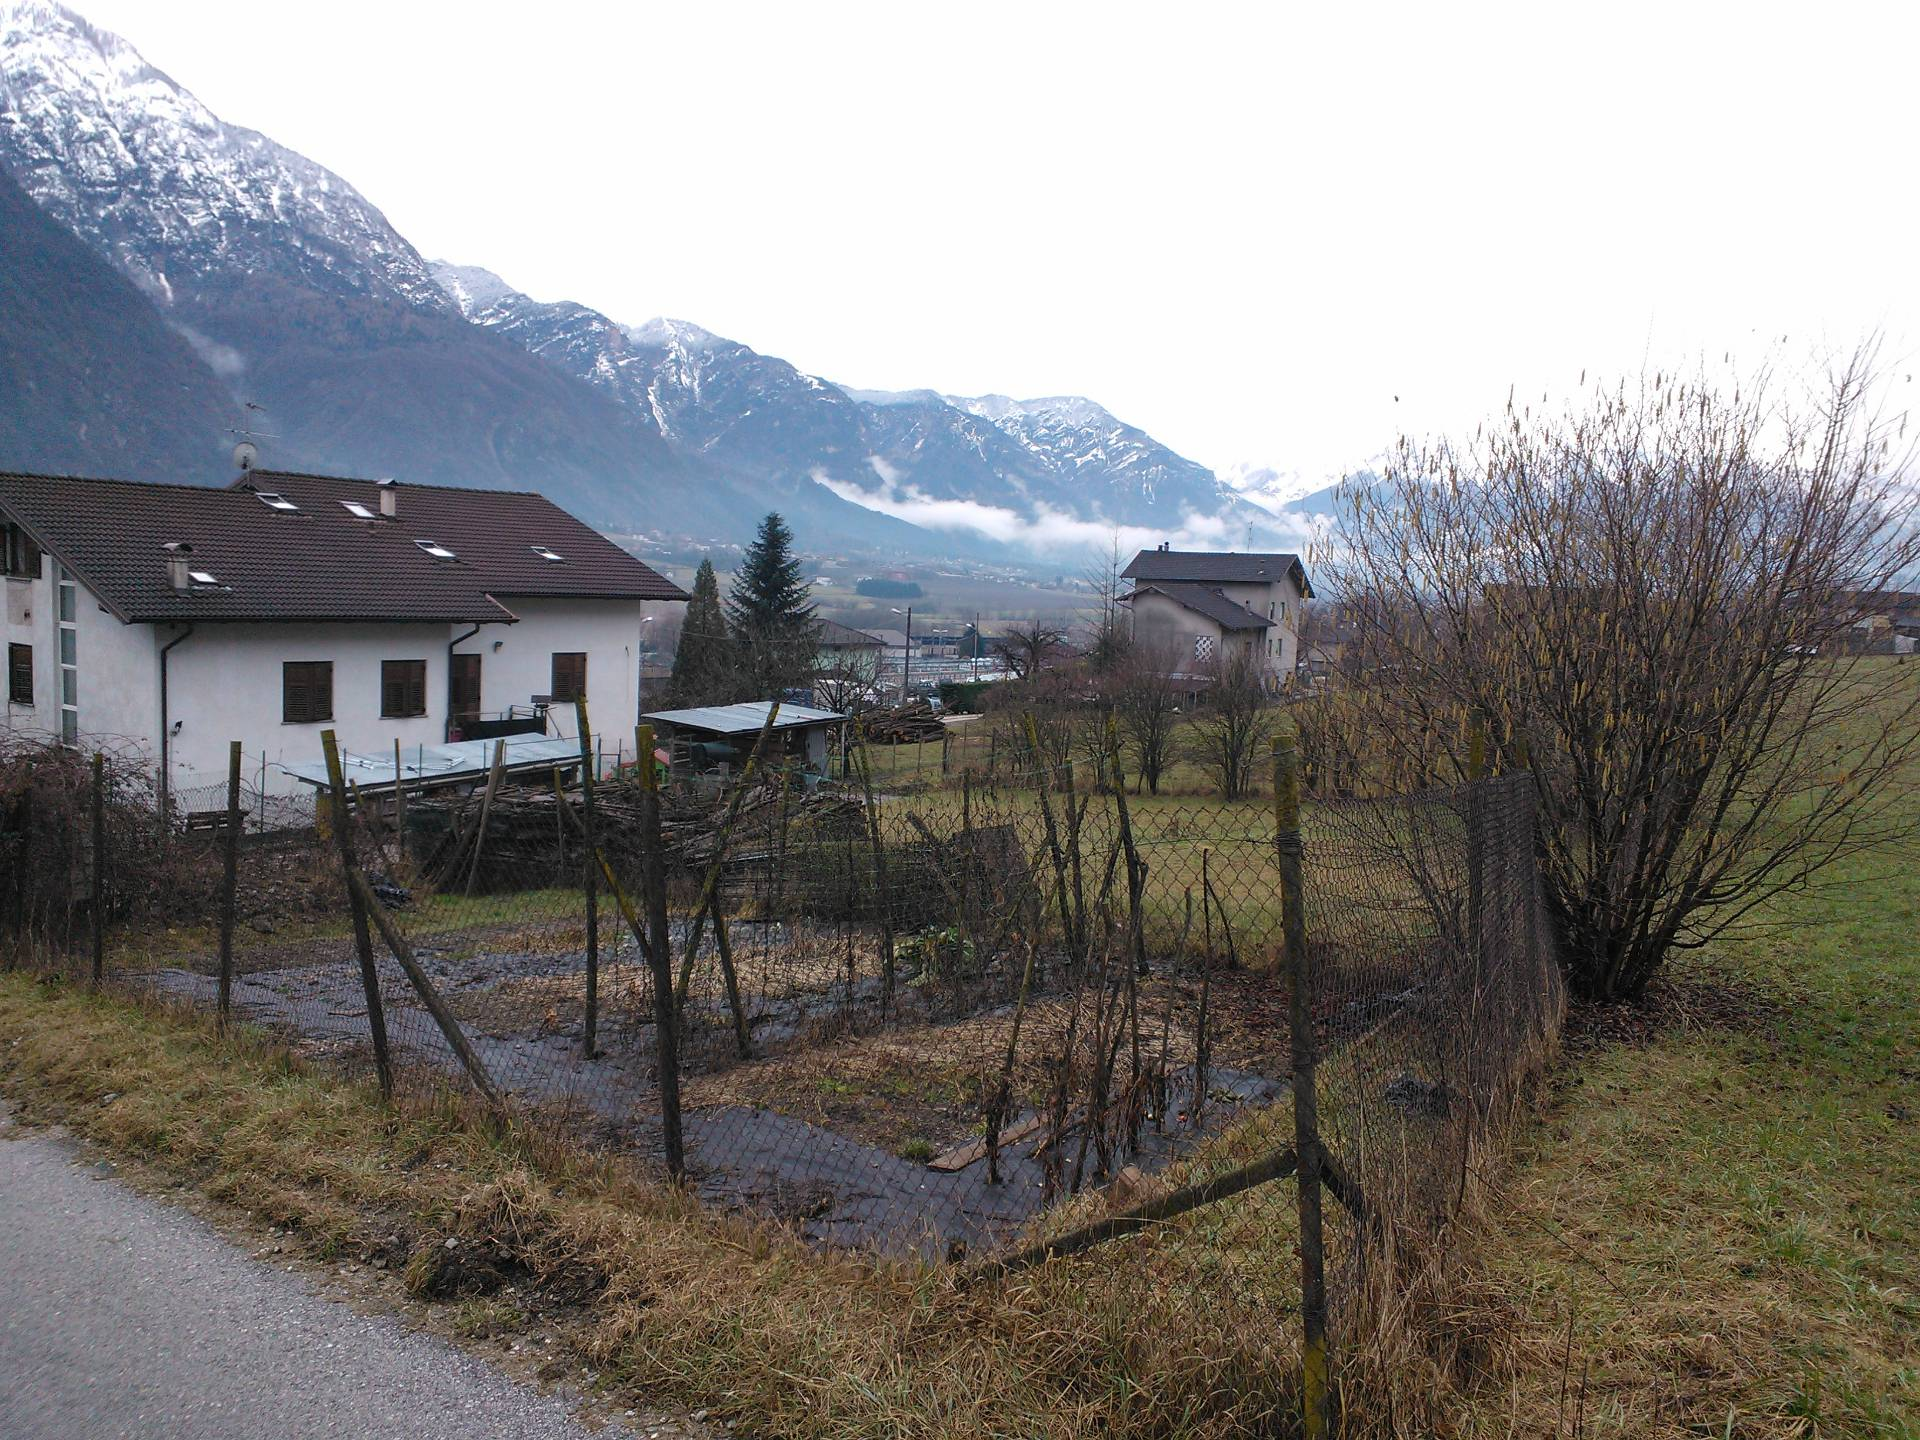 Terreno Edificabile Residenziale in vendita a Levico Terme, 9999 locali, zona Zona: Campiello, prezzo € 115.000 | Cambio Casa.it